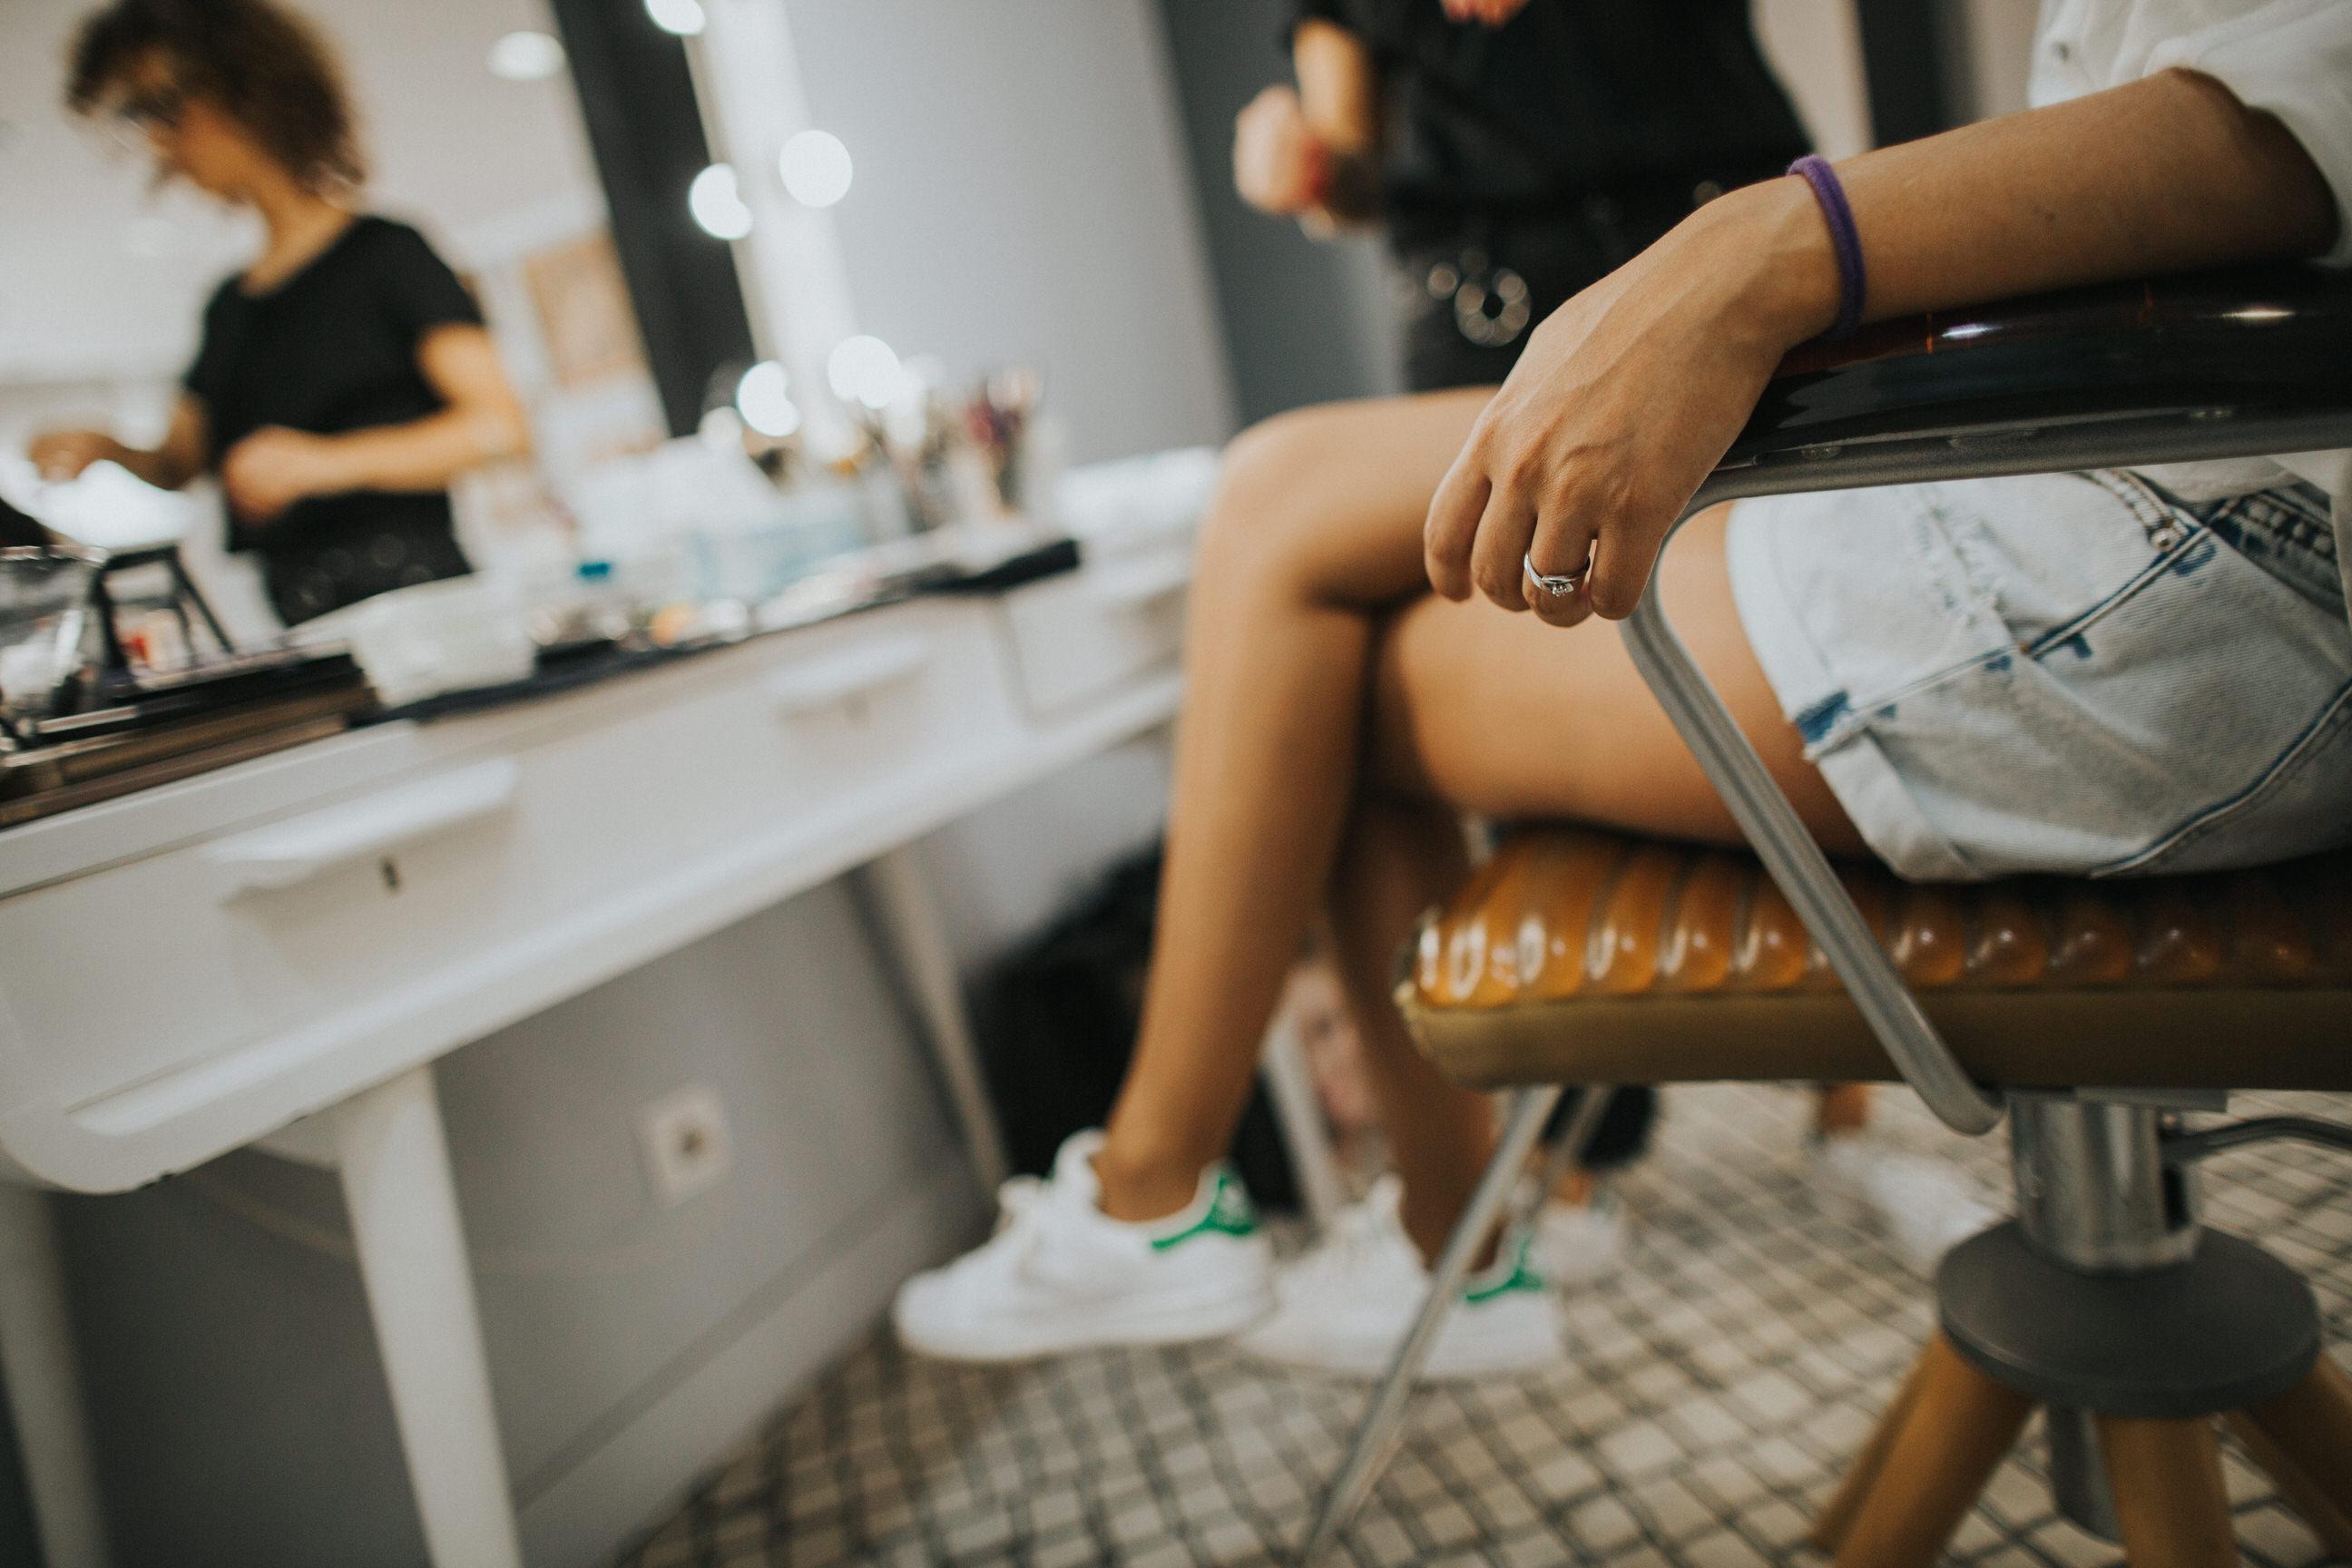 Casamento-Rústico-Bucelas-Quinta-da-Murta-boho-chic-vestidos-dress-venue-Portugal-wedding-cabeleireiro-preparativos-detalhes-maquilhagem